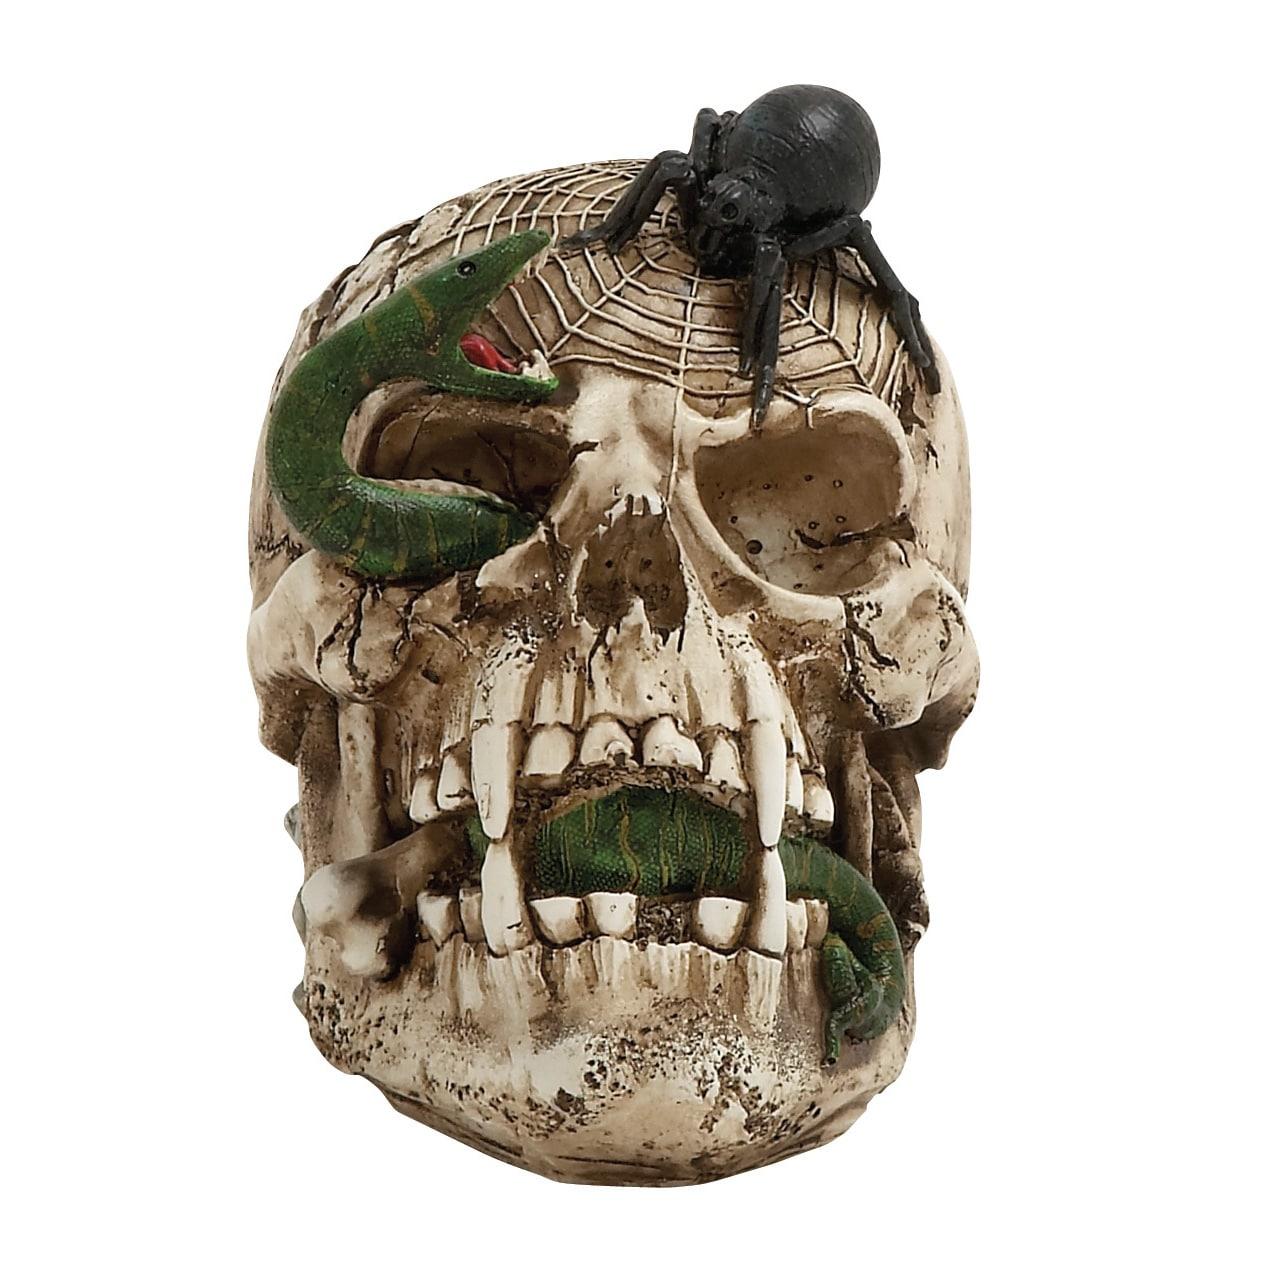 Benzara Skull Decor Figurine (Astonishing Skull Decor), B...